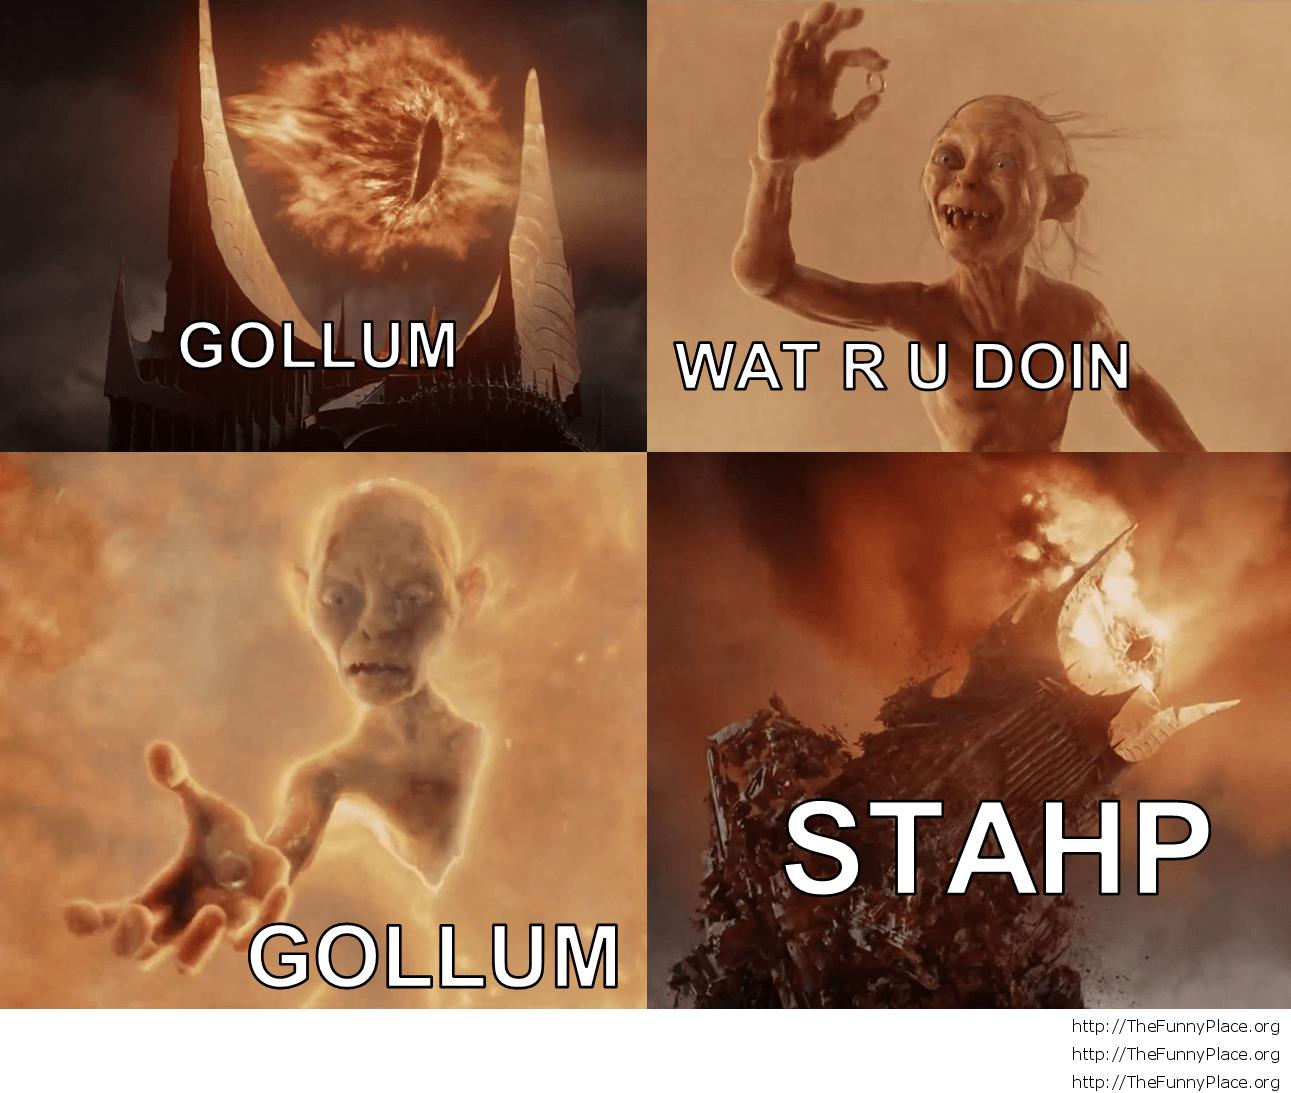 Sauron and Gollum - Stahp